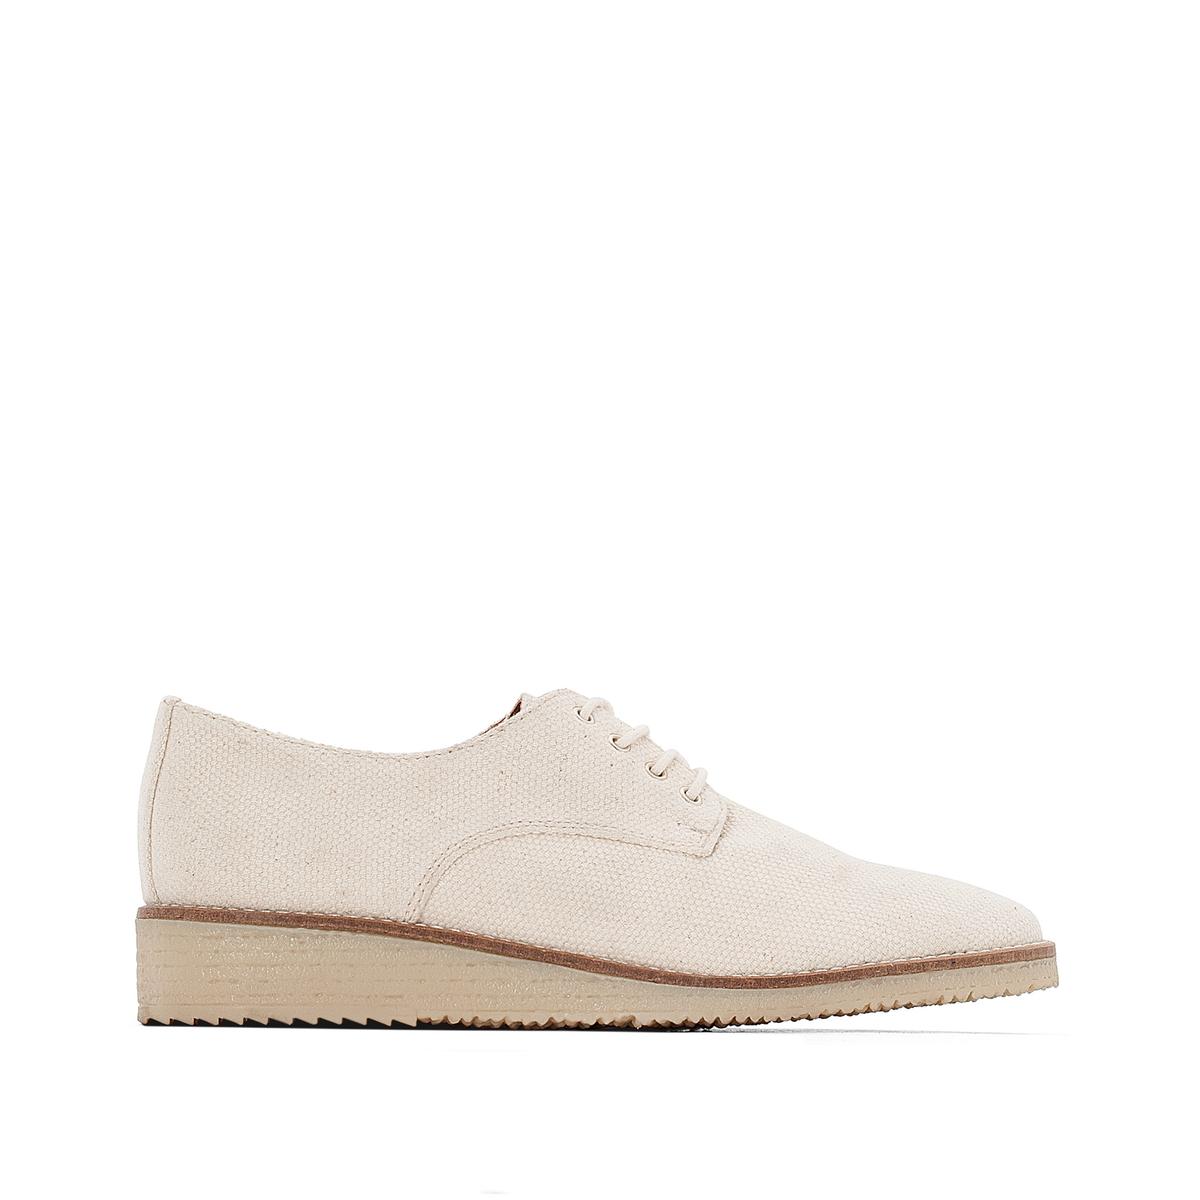 Ботинки-дерби тканевые ботинки дерби